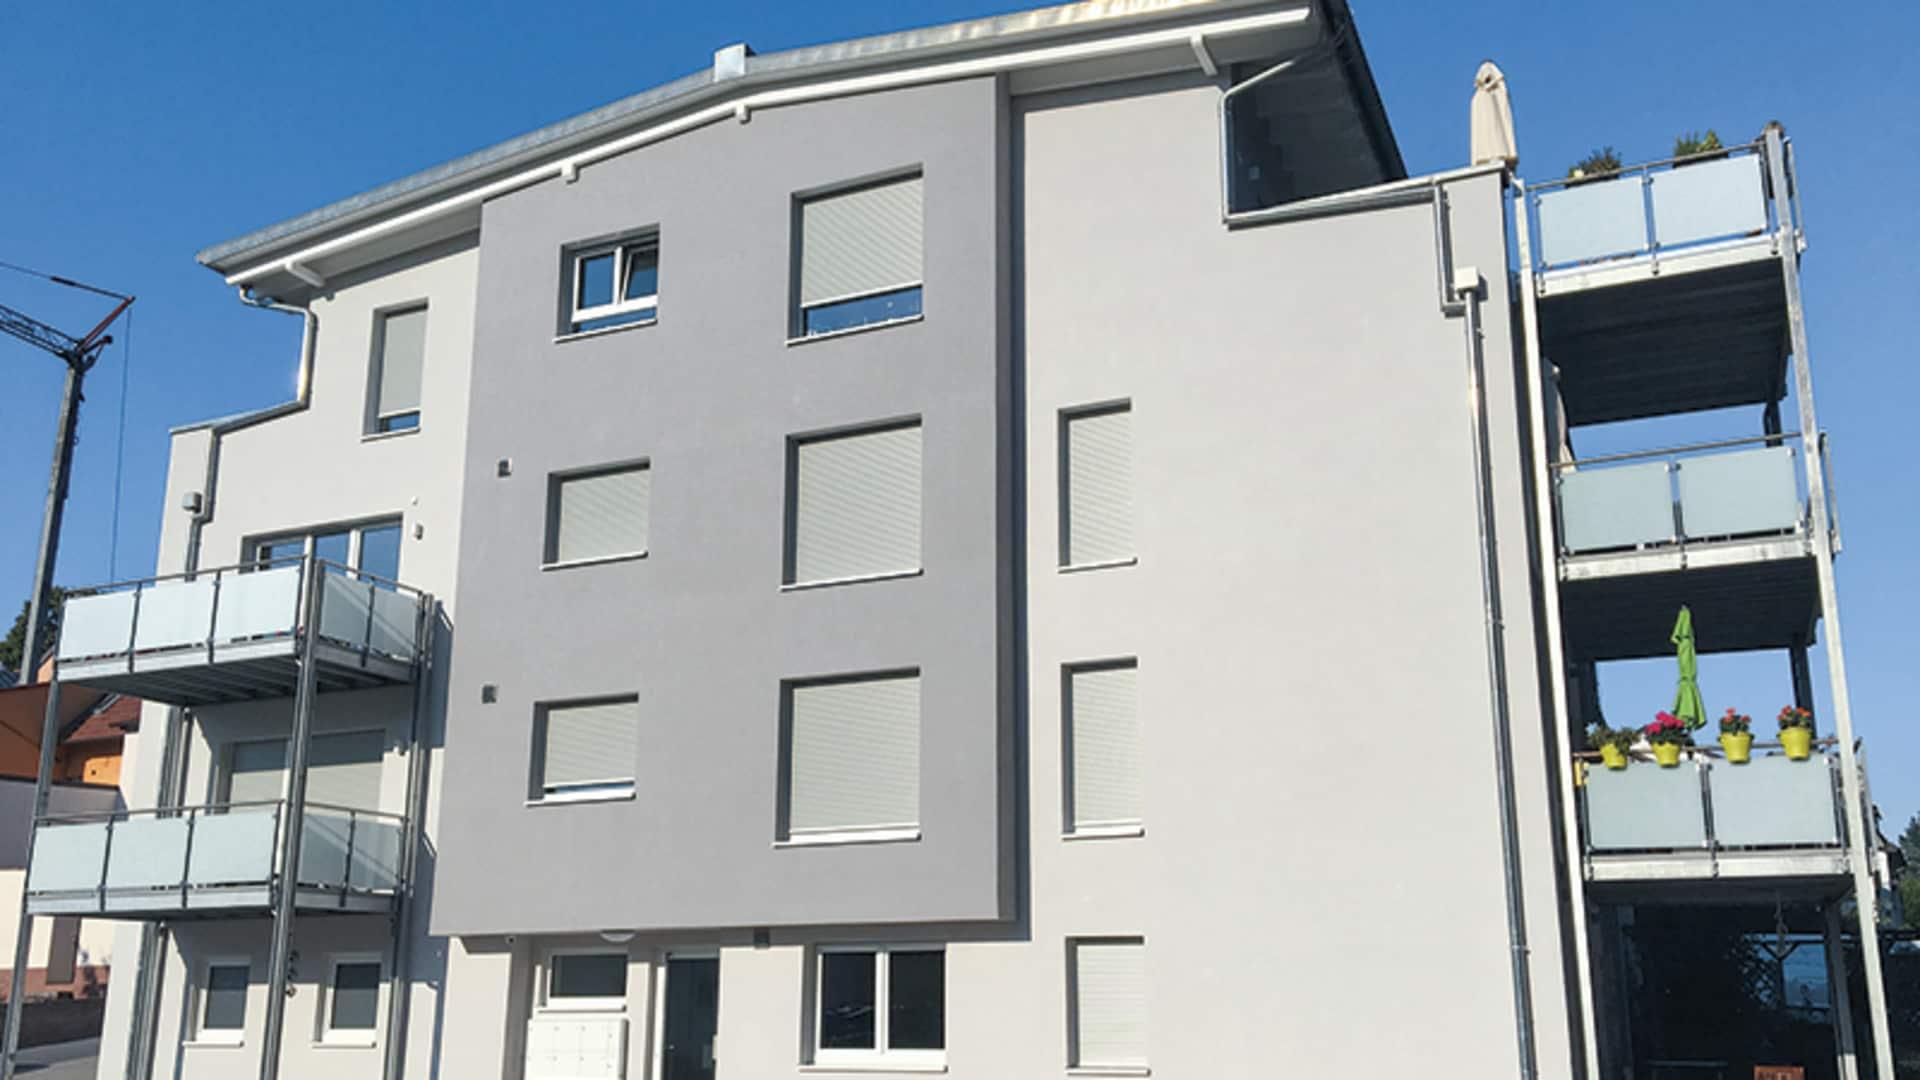 Wohnhaus schnell und intelligent geplant mit terminal